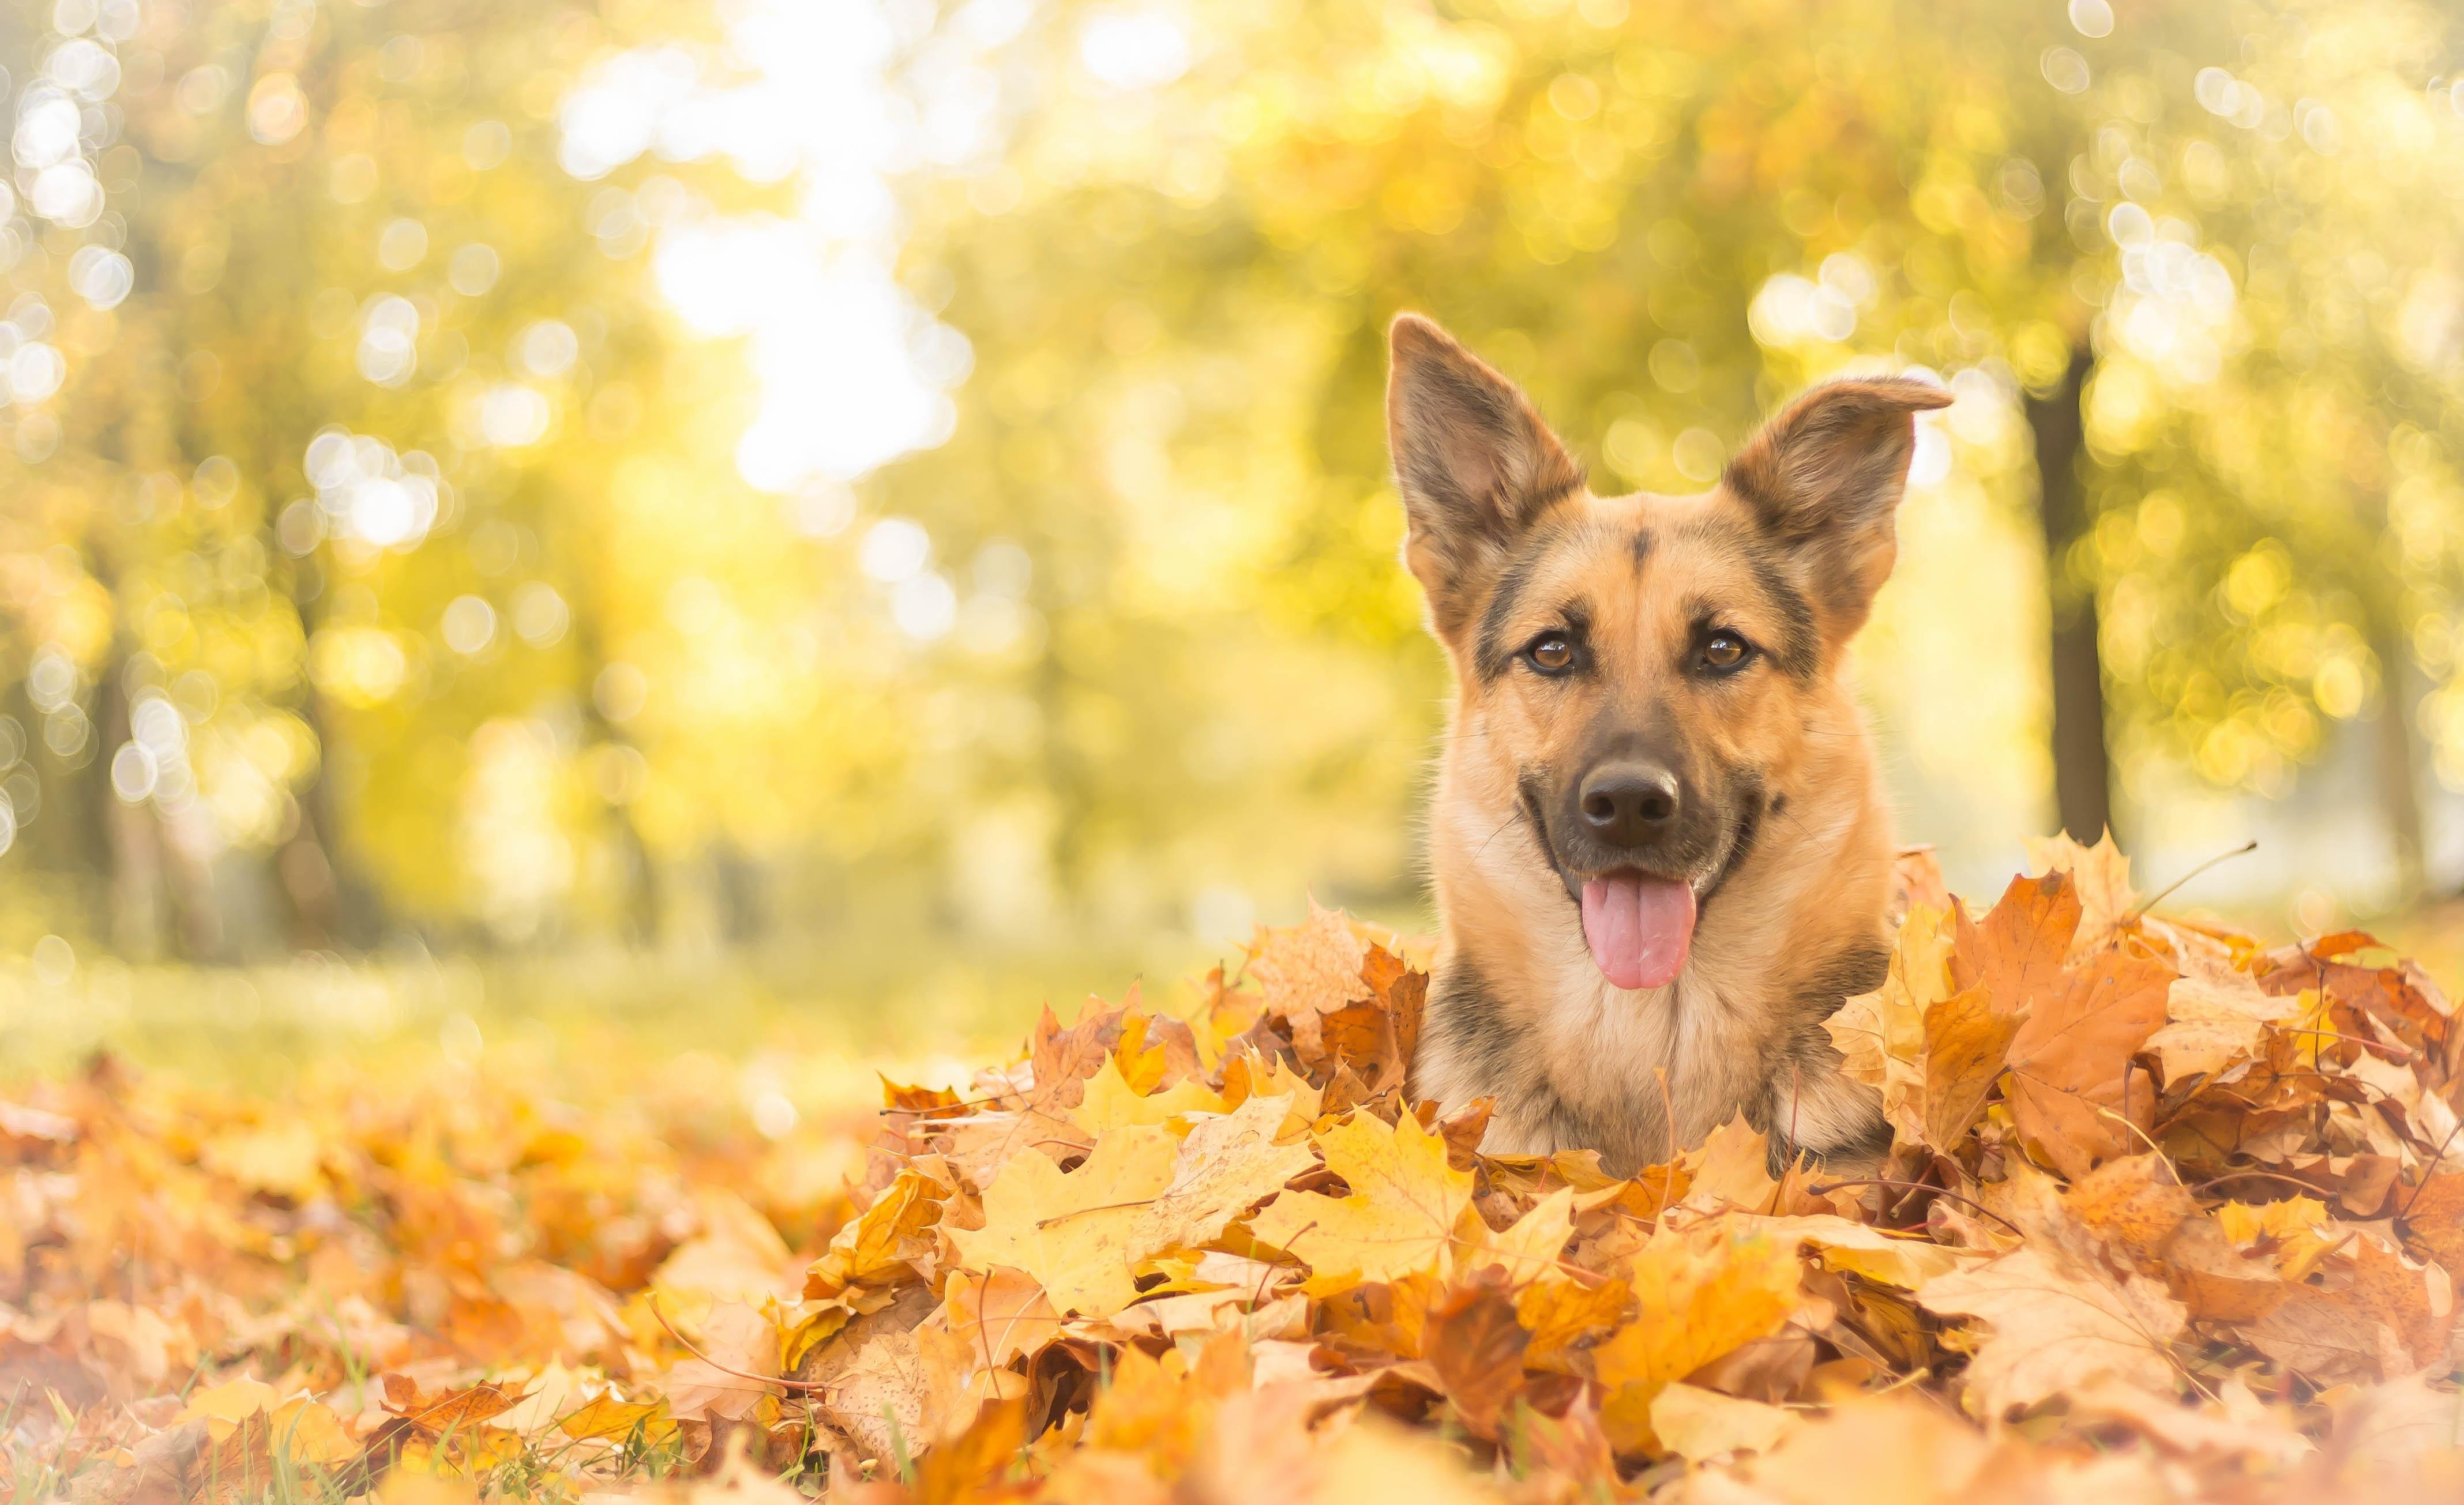 природа животные собака осень листья  № 2019495 без смс